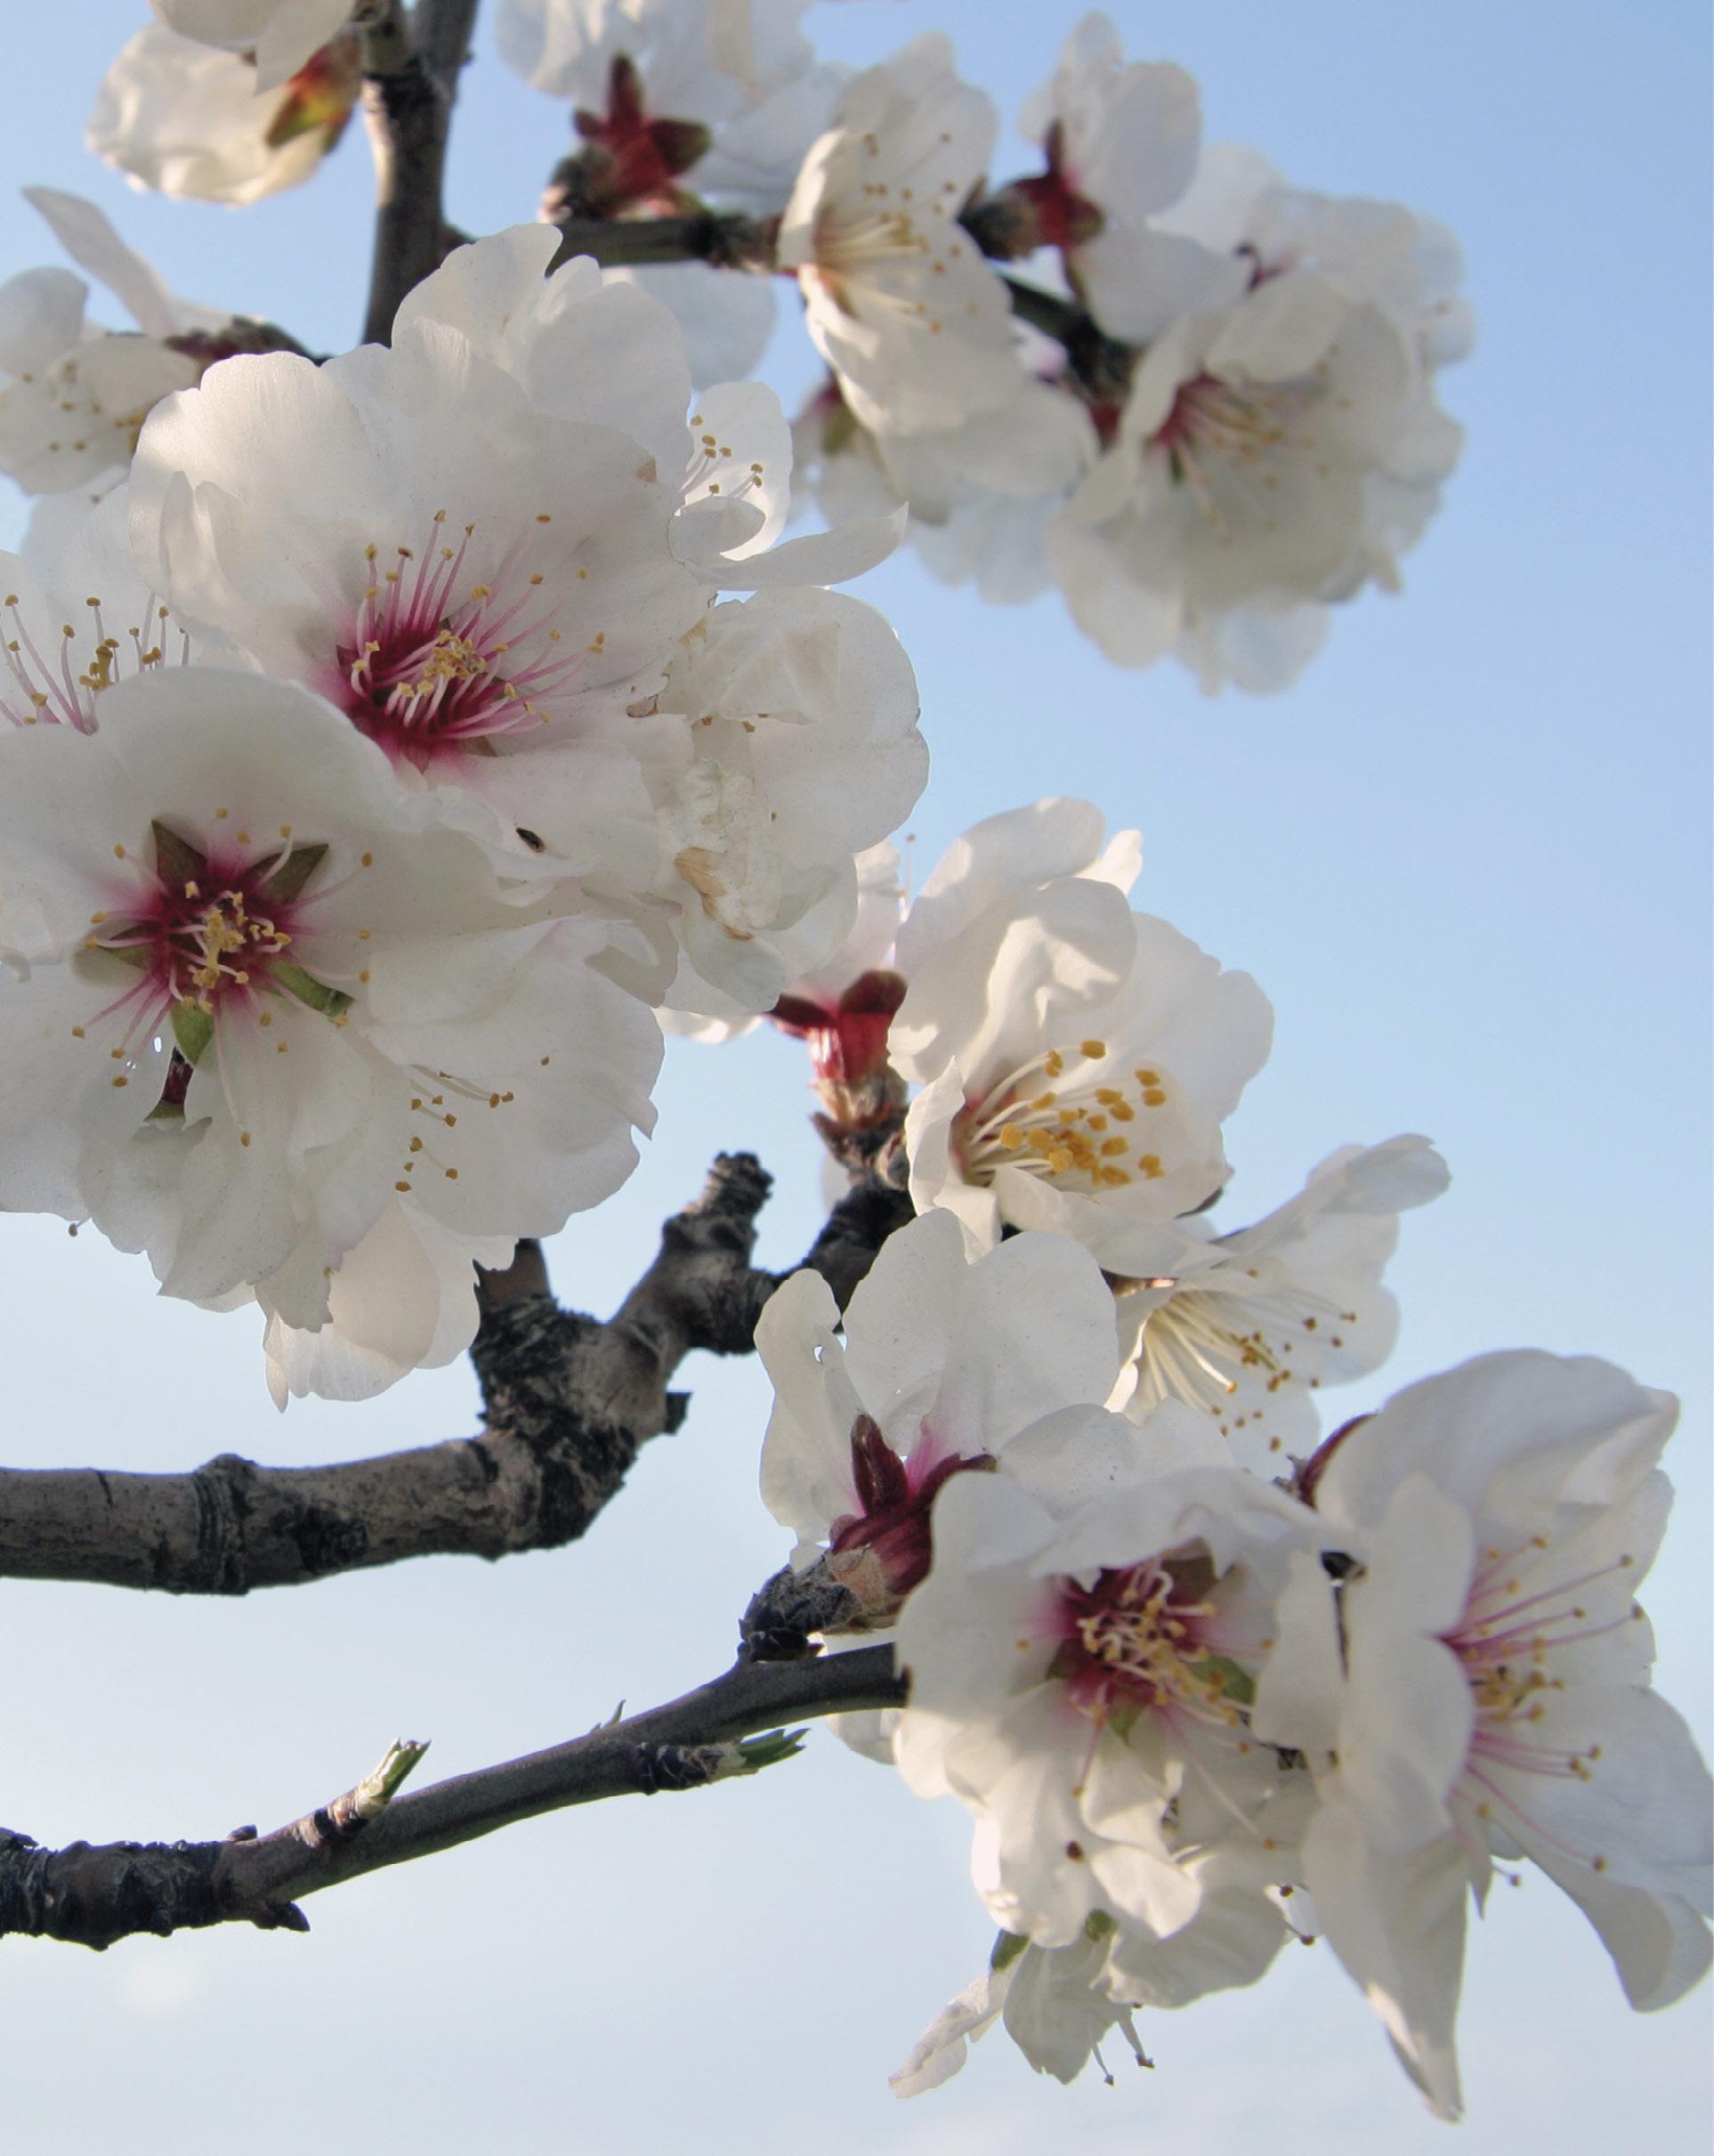 Amendoeira em flor. Foto de Anna Anichkova, março 2011 | Wikimedia Commons.